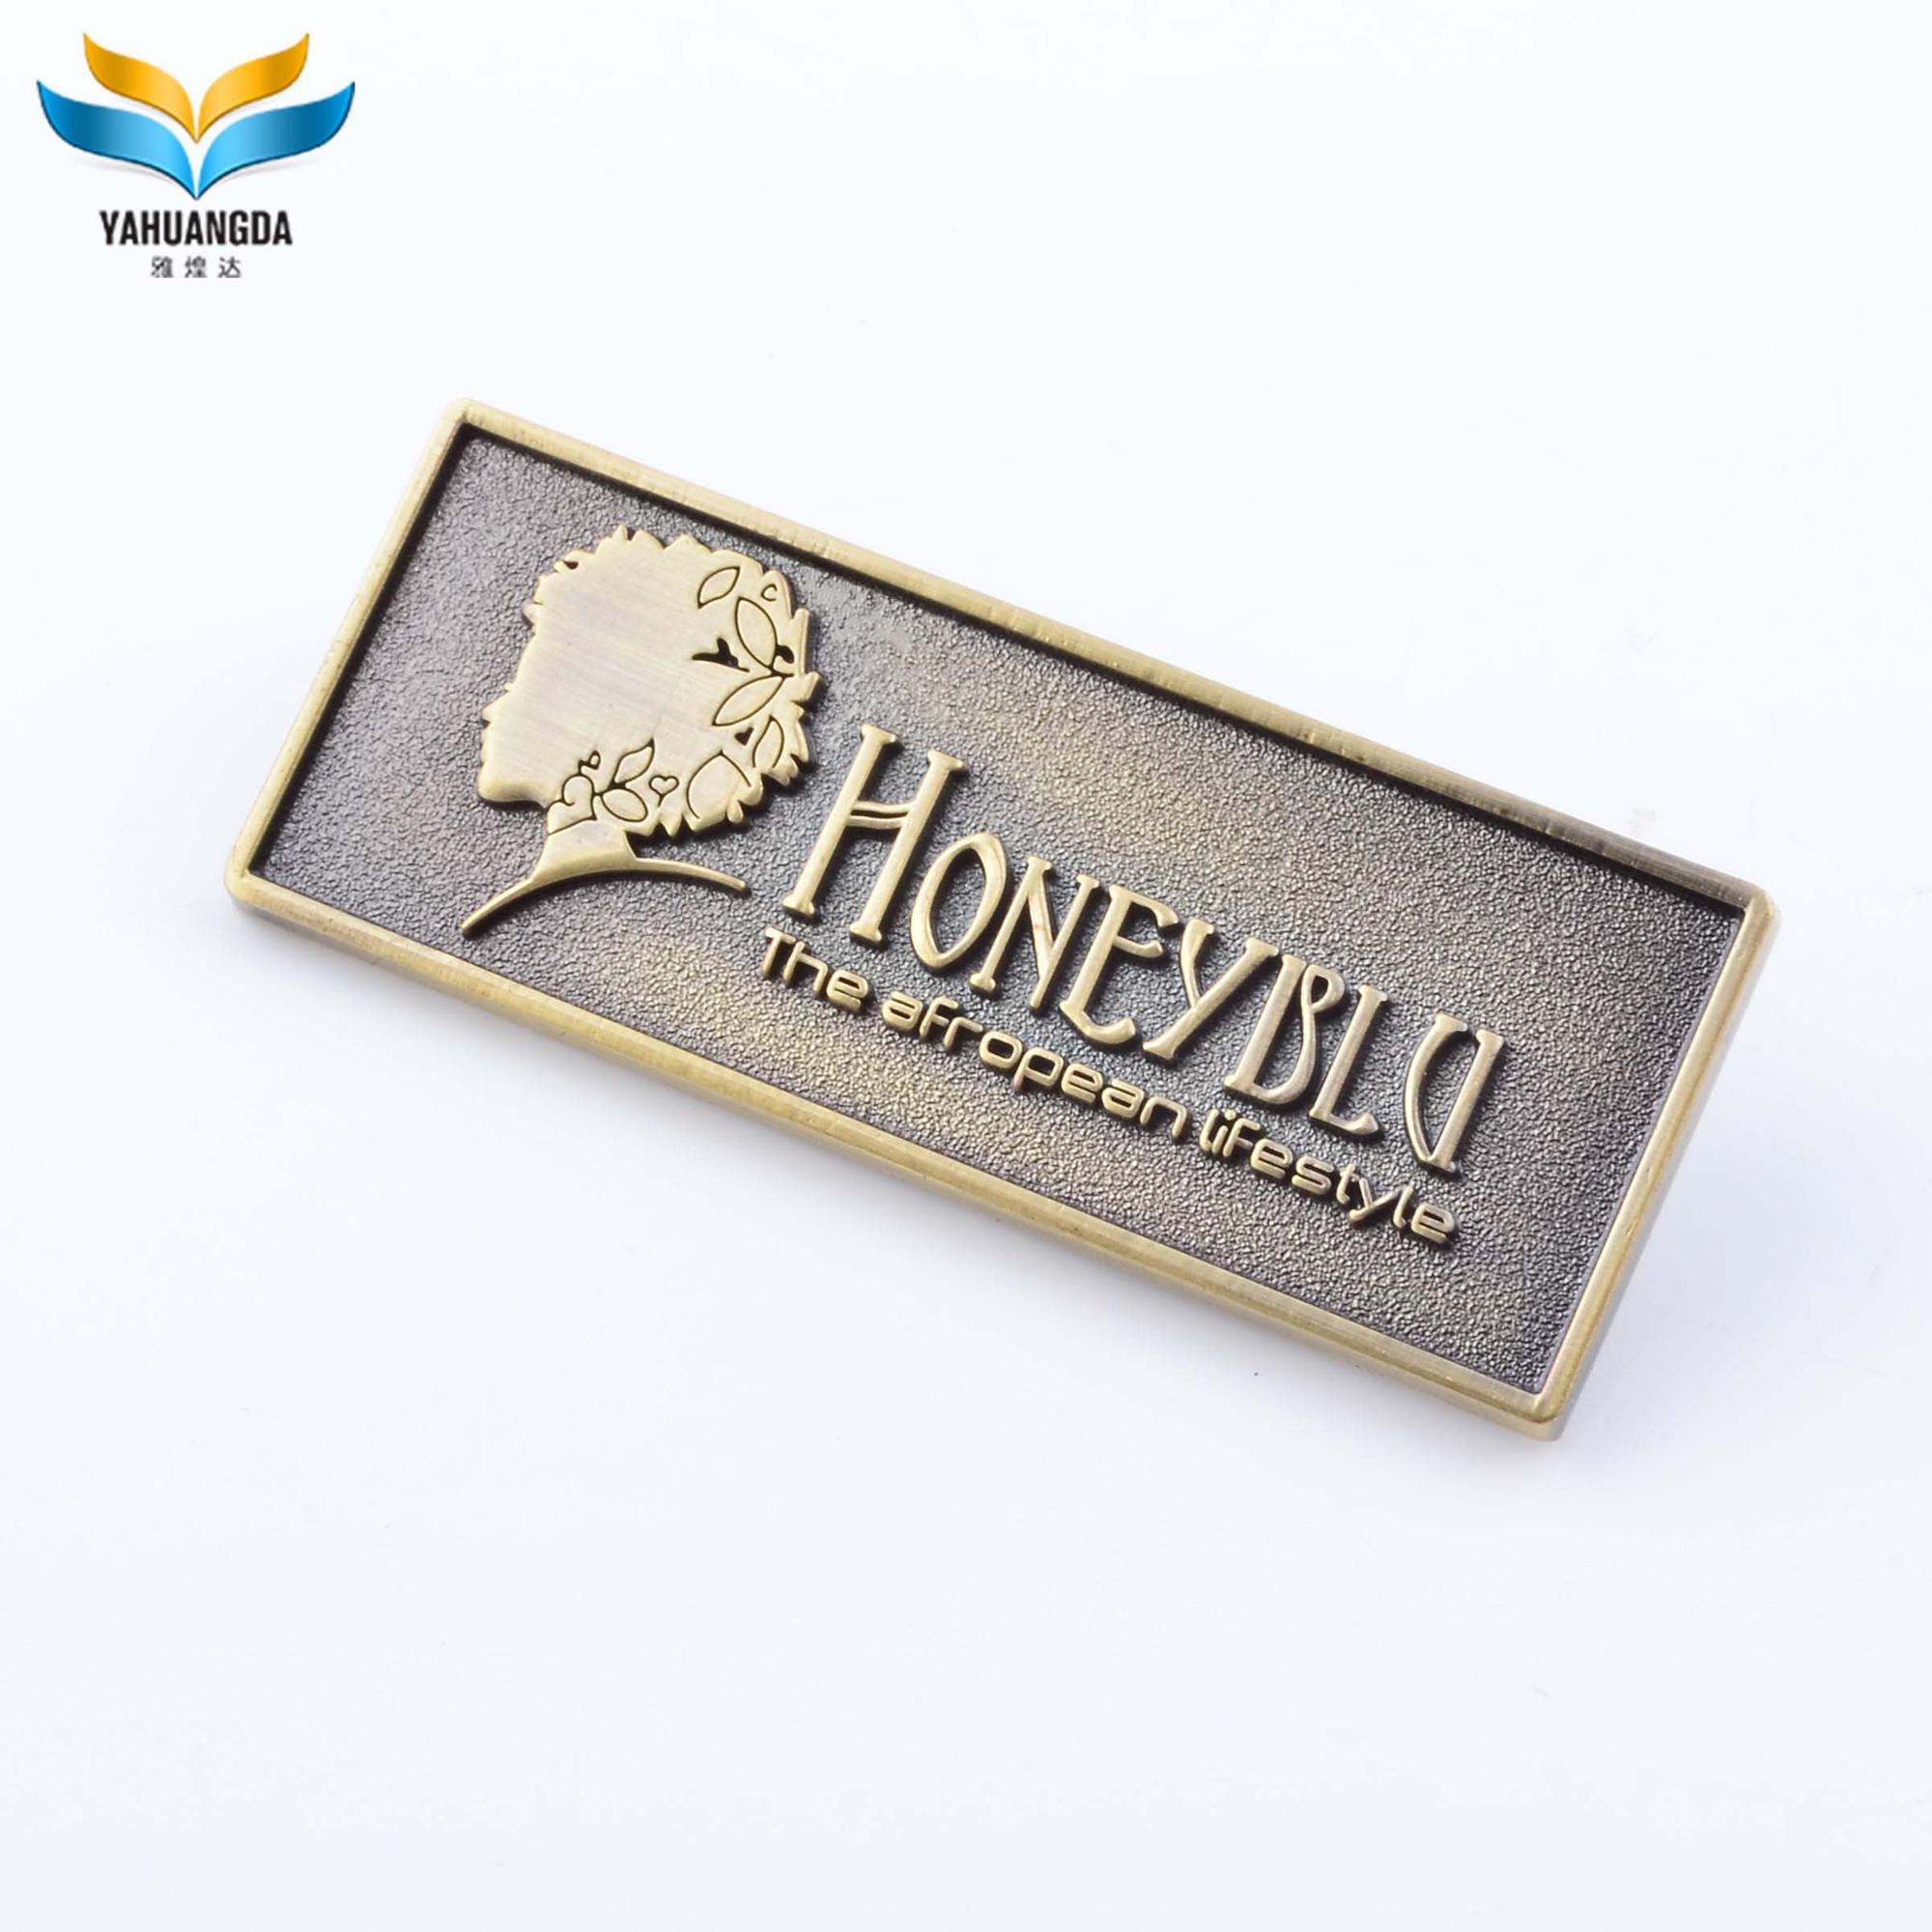 High Quality Custom Metal Name Plates Brand Logos For Handbags Buy Metal Plates For Handbags Metal Name Plates For Handbags Custom Metal Plates Brand Logos Product On Alibaba Com